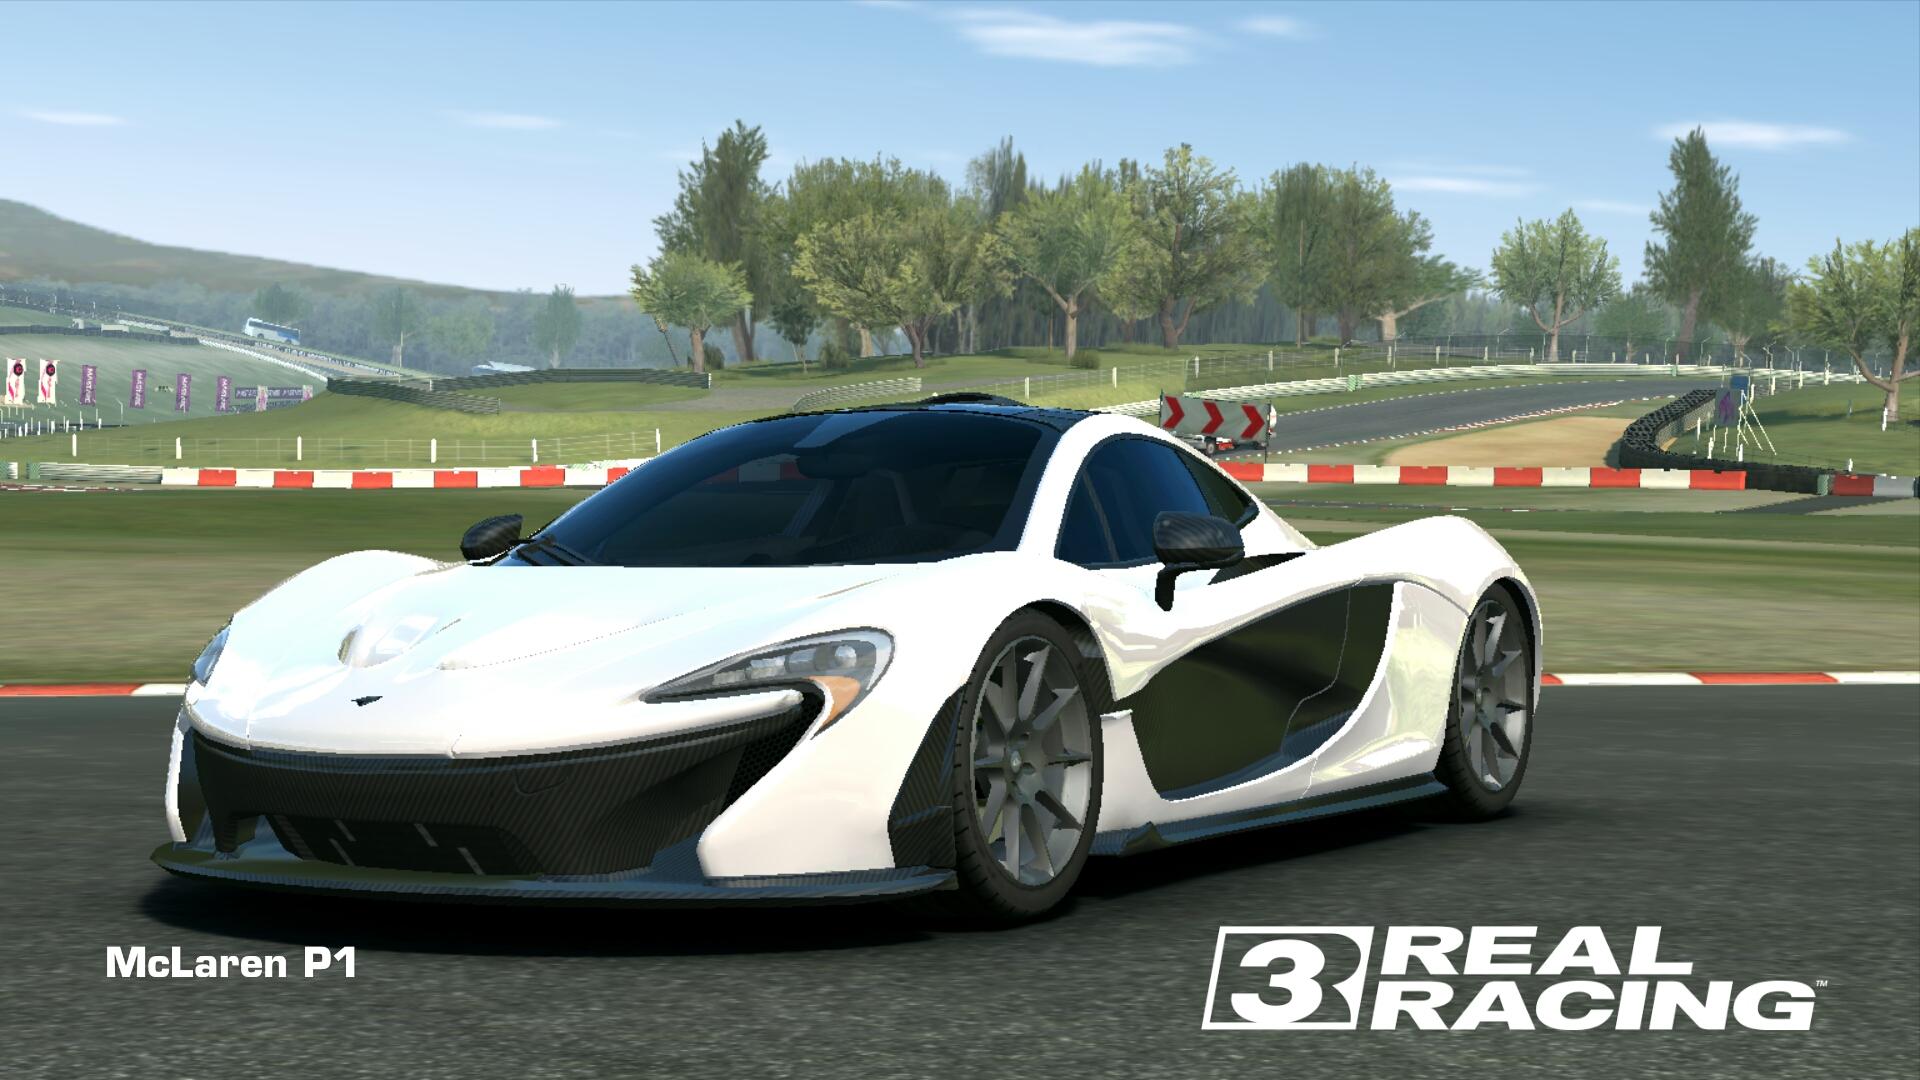 Showcase McLaren P1